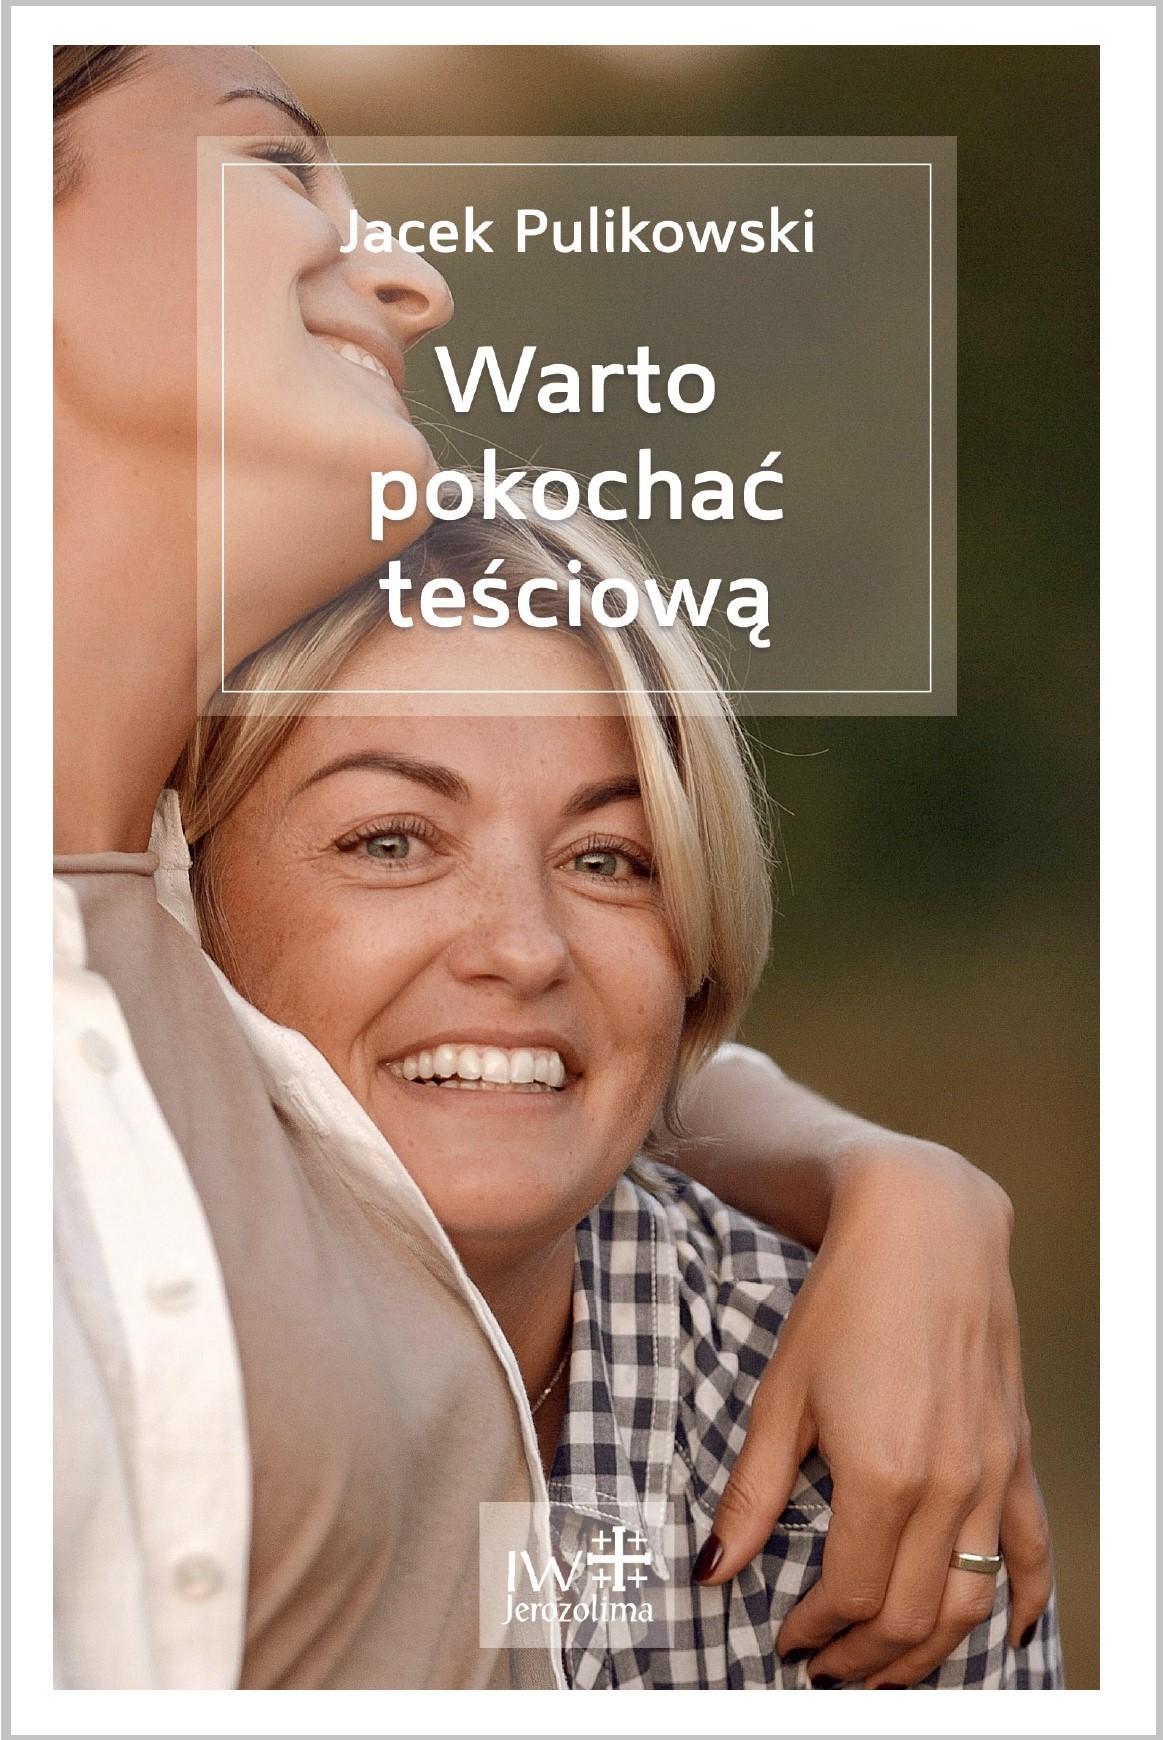 Jacek Pulikowski WARTO POKOCHAĆ TEŚCIOWĄ